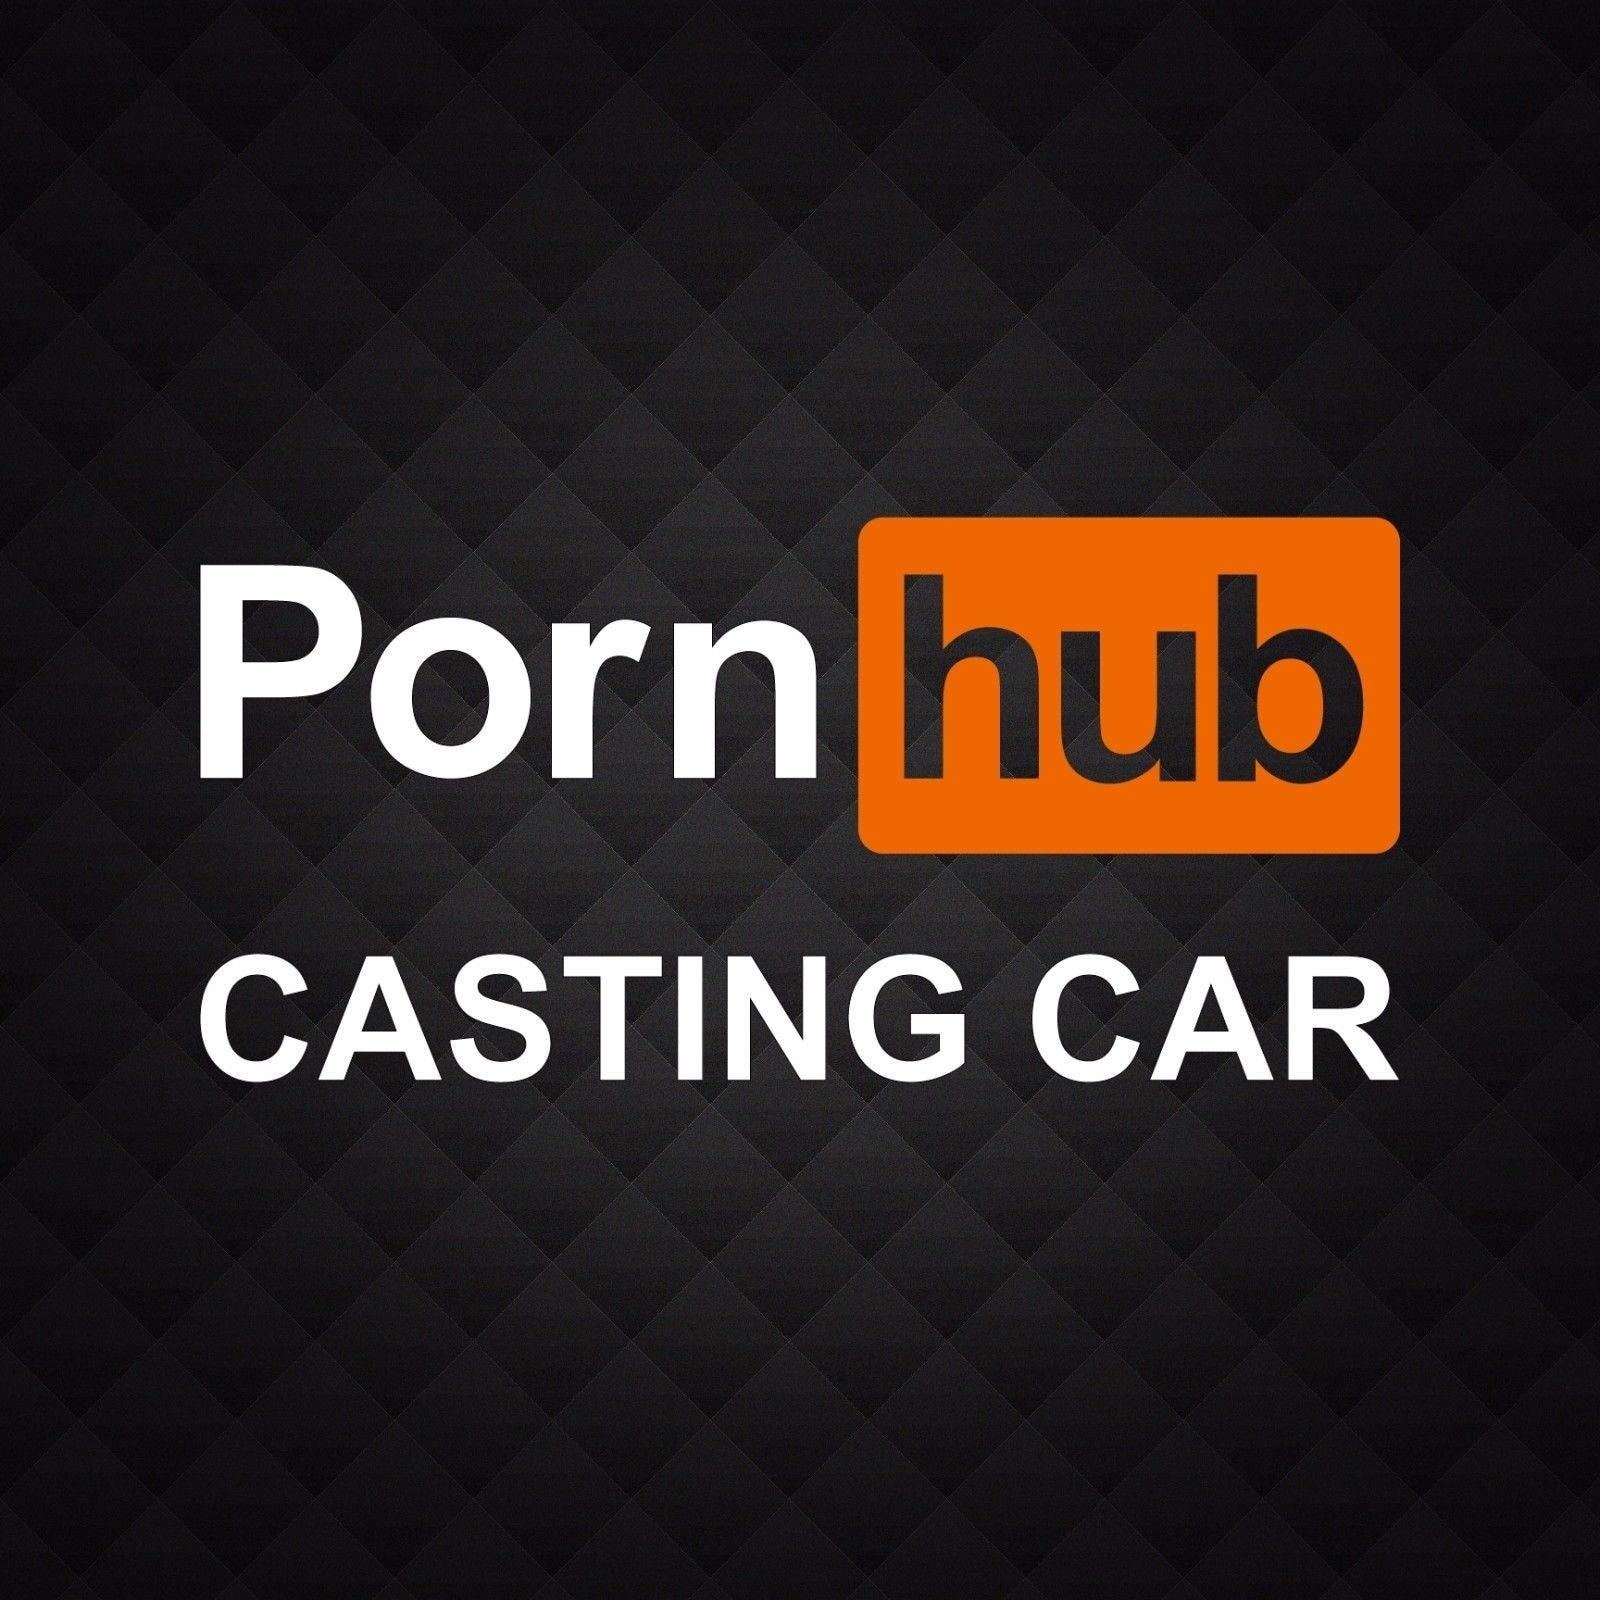 Porn Hub Castingwindow- Funny Adult Die-Cut Vinyl Decal Sticker 30x14cm